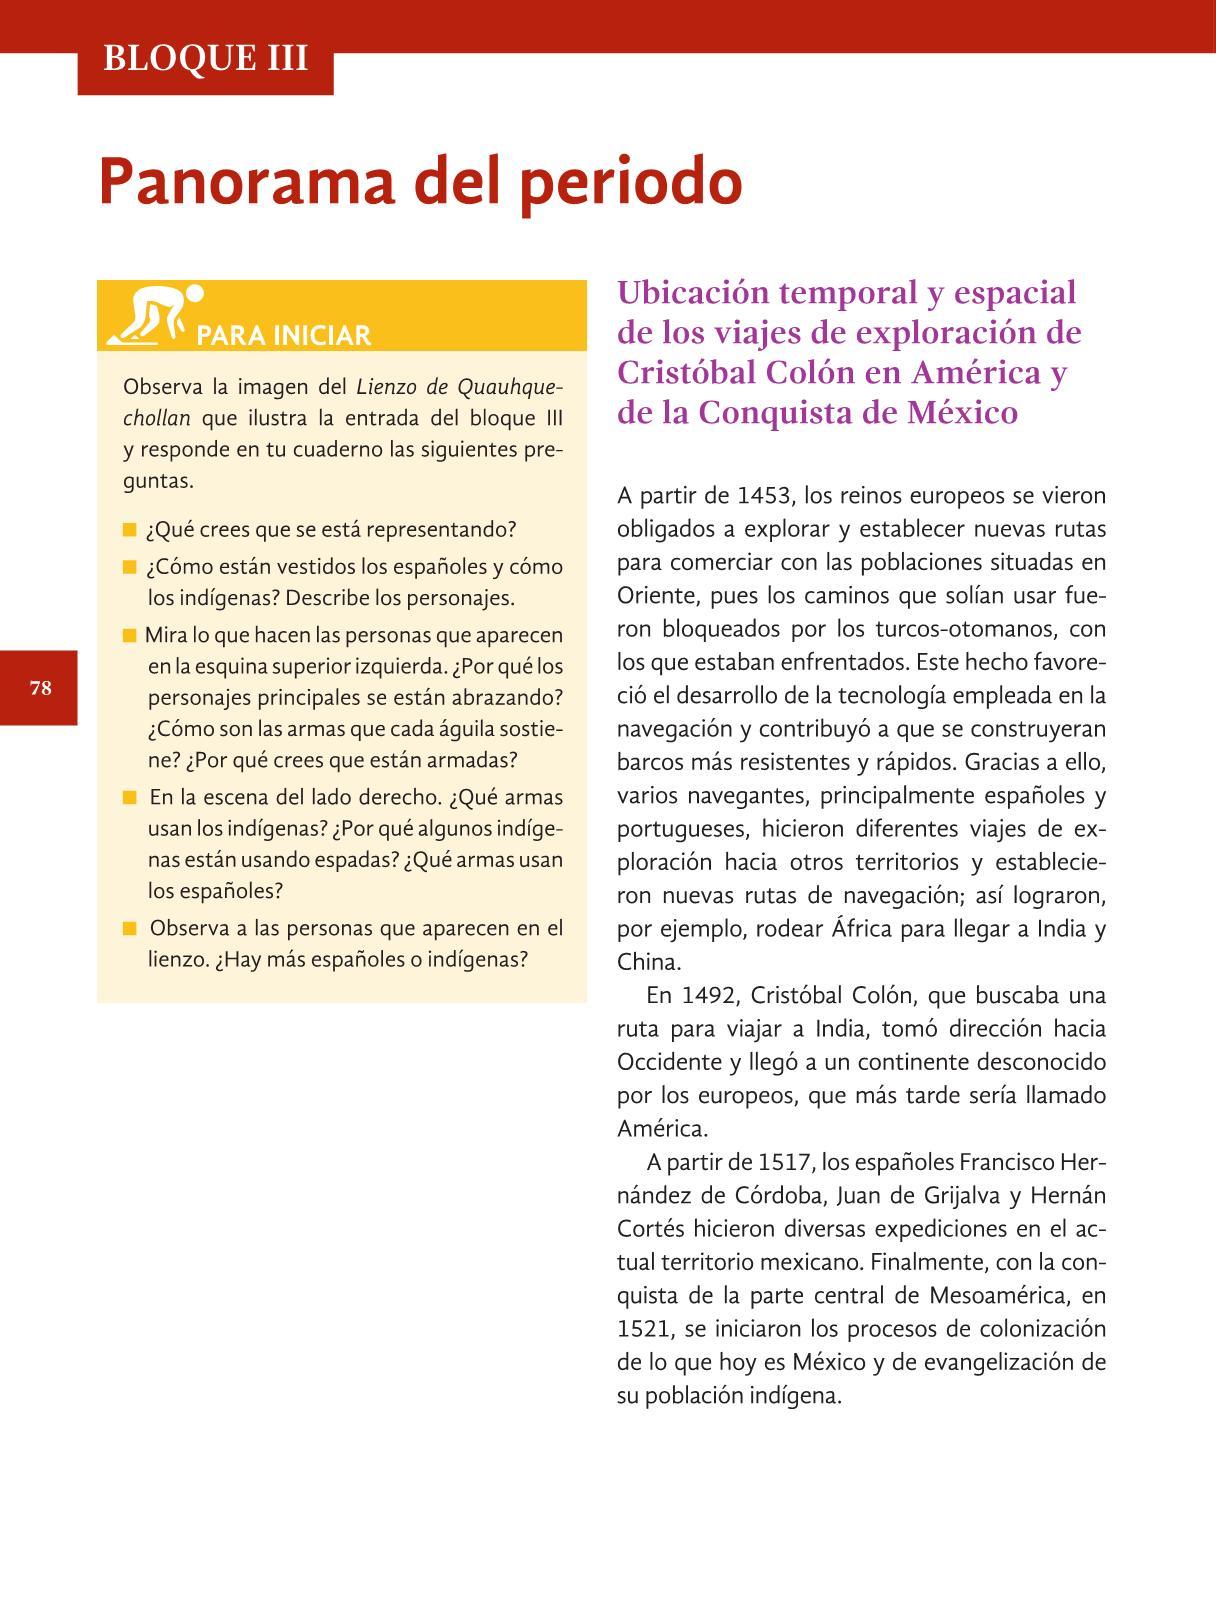 Historia Cuarto grado 2016-2017 - Online - Página 78 de 192 ...